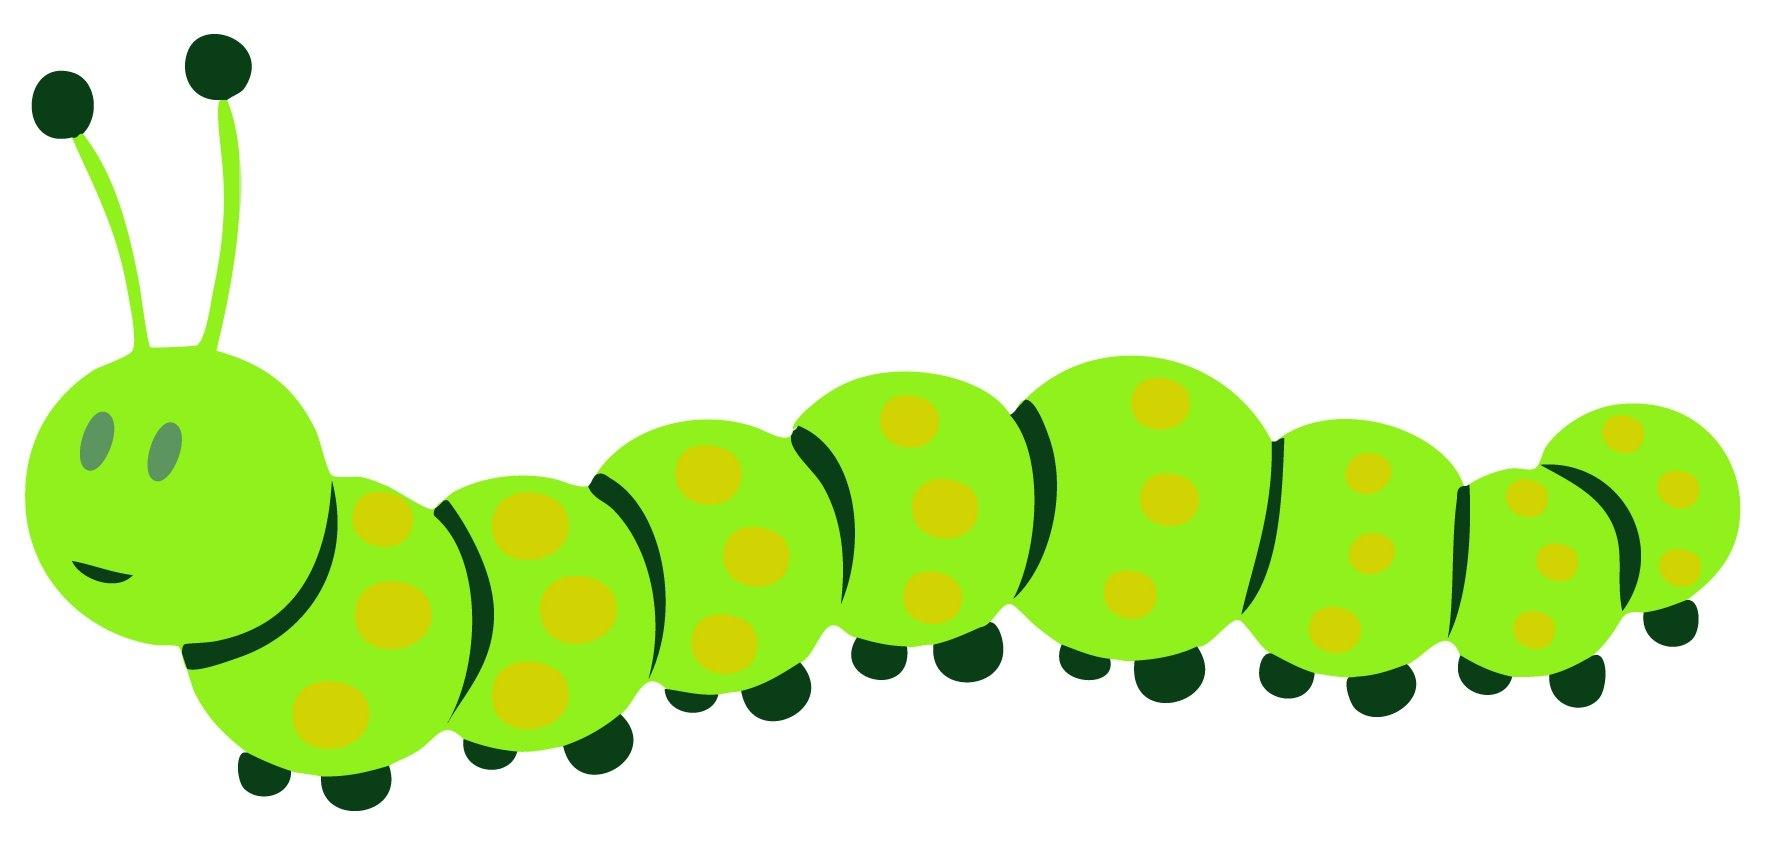 caterpillar clipart - 2 - n - Caterpillar Clipart